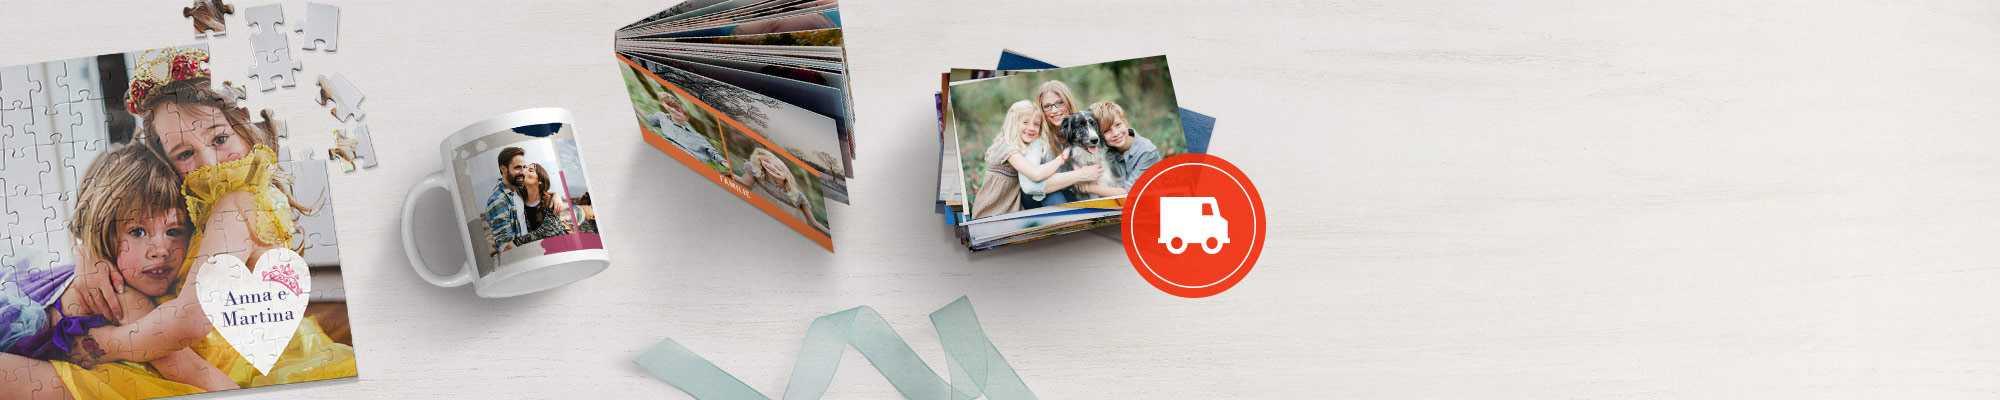 puzzle fotografico, tazza personalizzata, fotolibro standard e stampe fotografiche di alta qualità solo su Snapfish